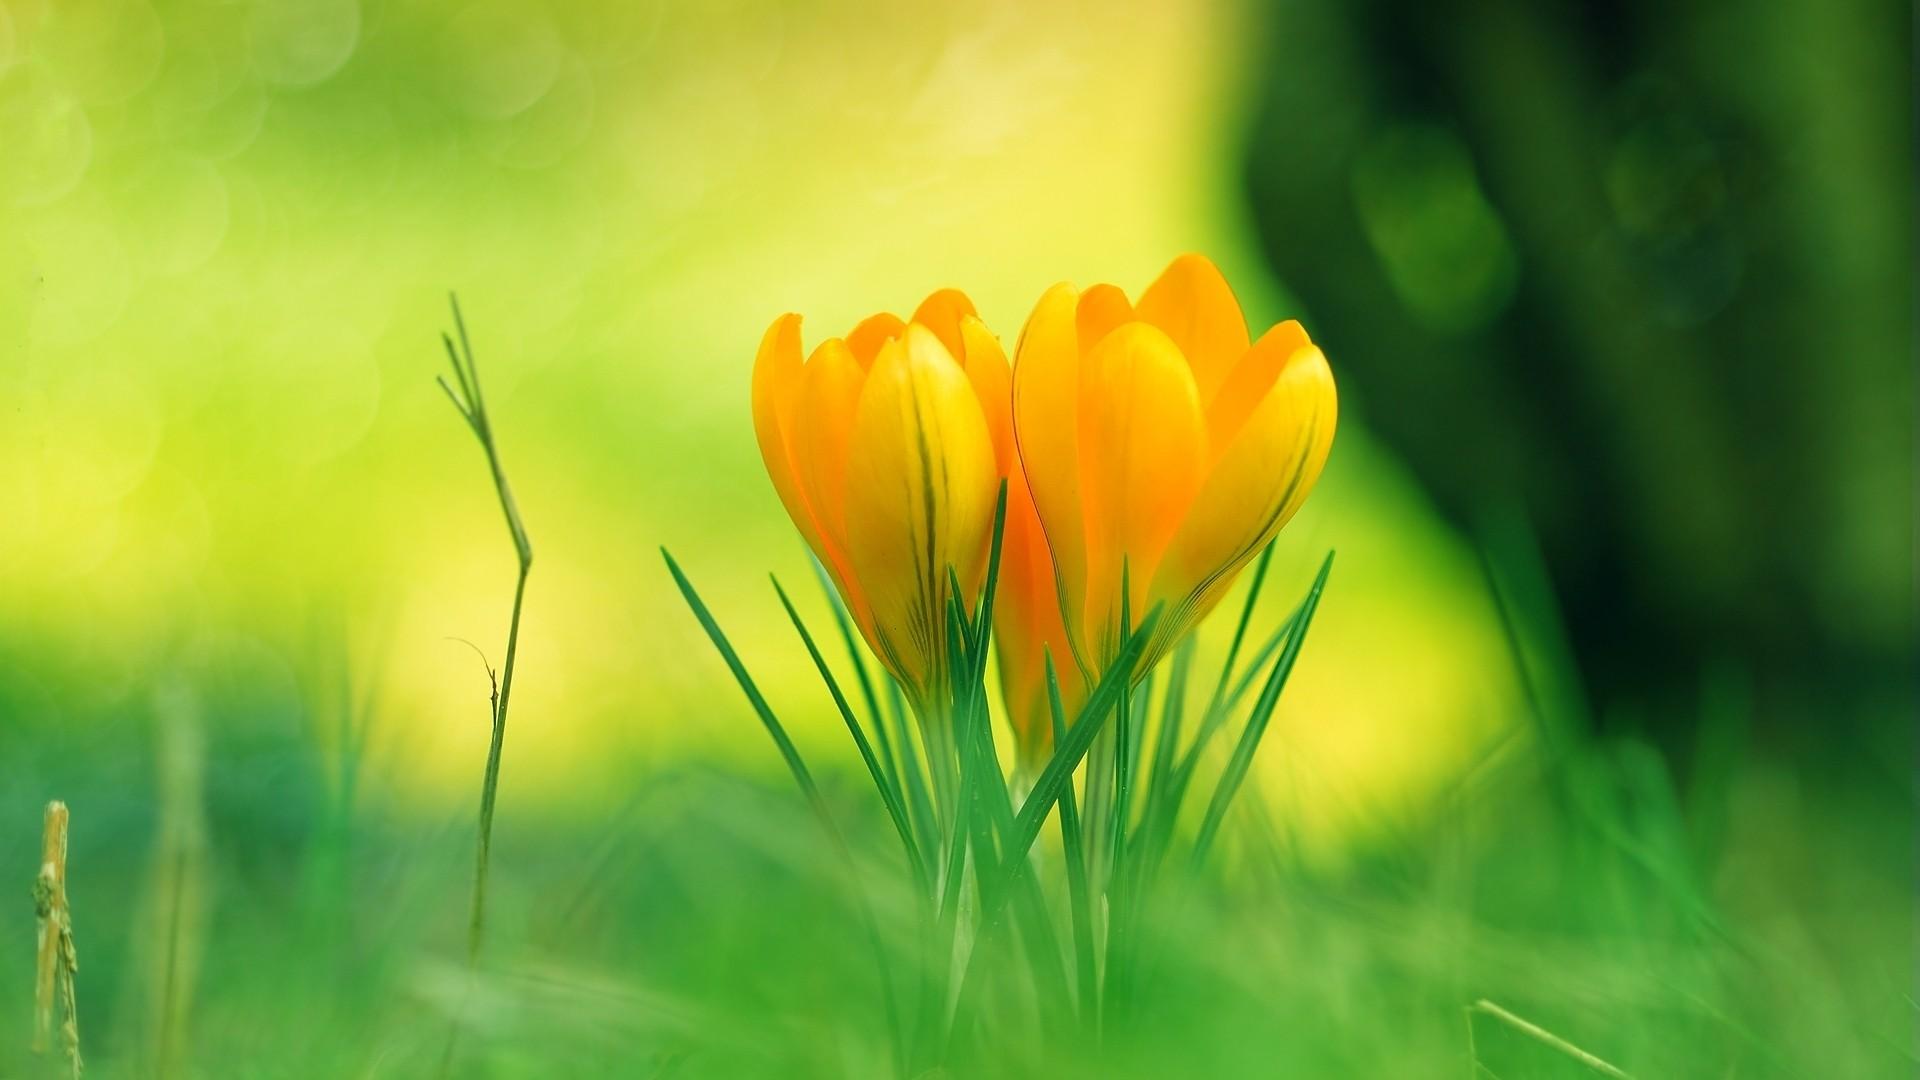 Yellow Flowers Desktop HD wallpaper